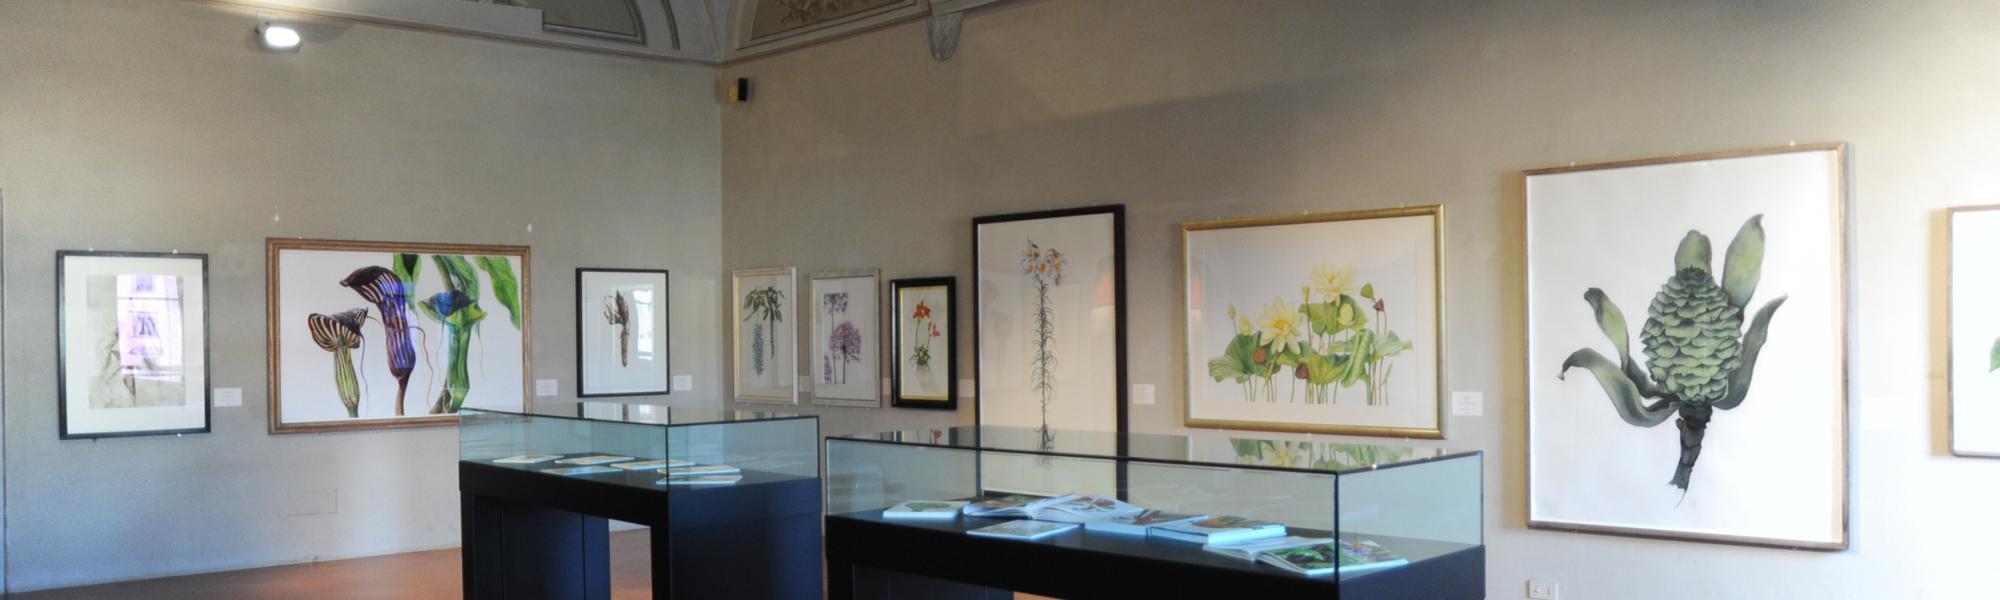 Sala interna (Museo delle Grafica)